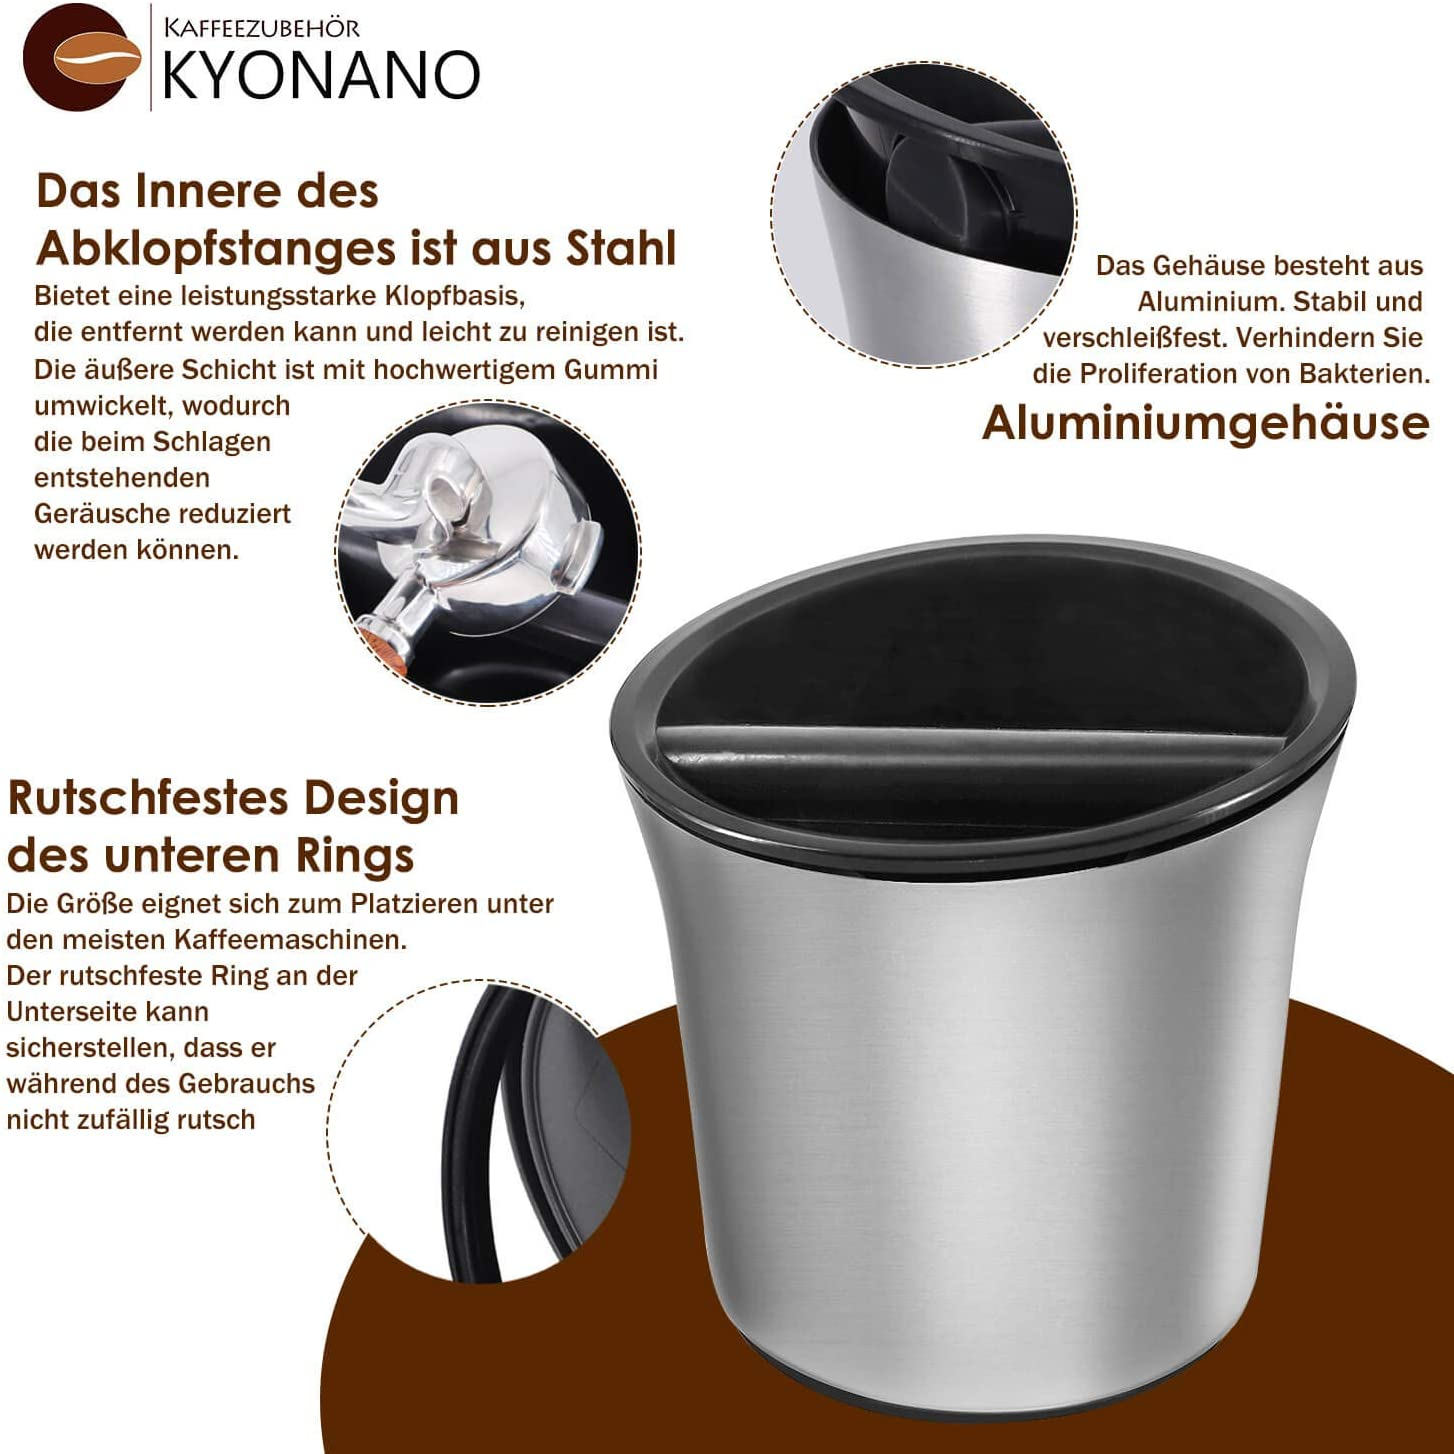 Hochwertiger Metall Abklopfbeh/älter f/ür Siebtr/äger Knock Box Silikonmatte Espresso Abklopfbeh/älter Abschlagbeh/älter Siebtr/äger Zubeh/ör KYONANO Abklopfbeh/älter Abschlagbox f/ür Kaffeesatz inkl